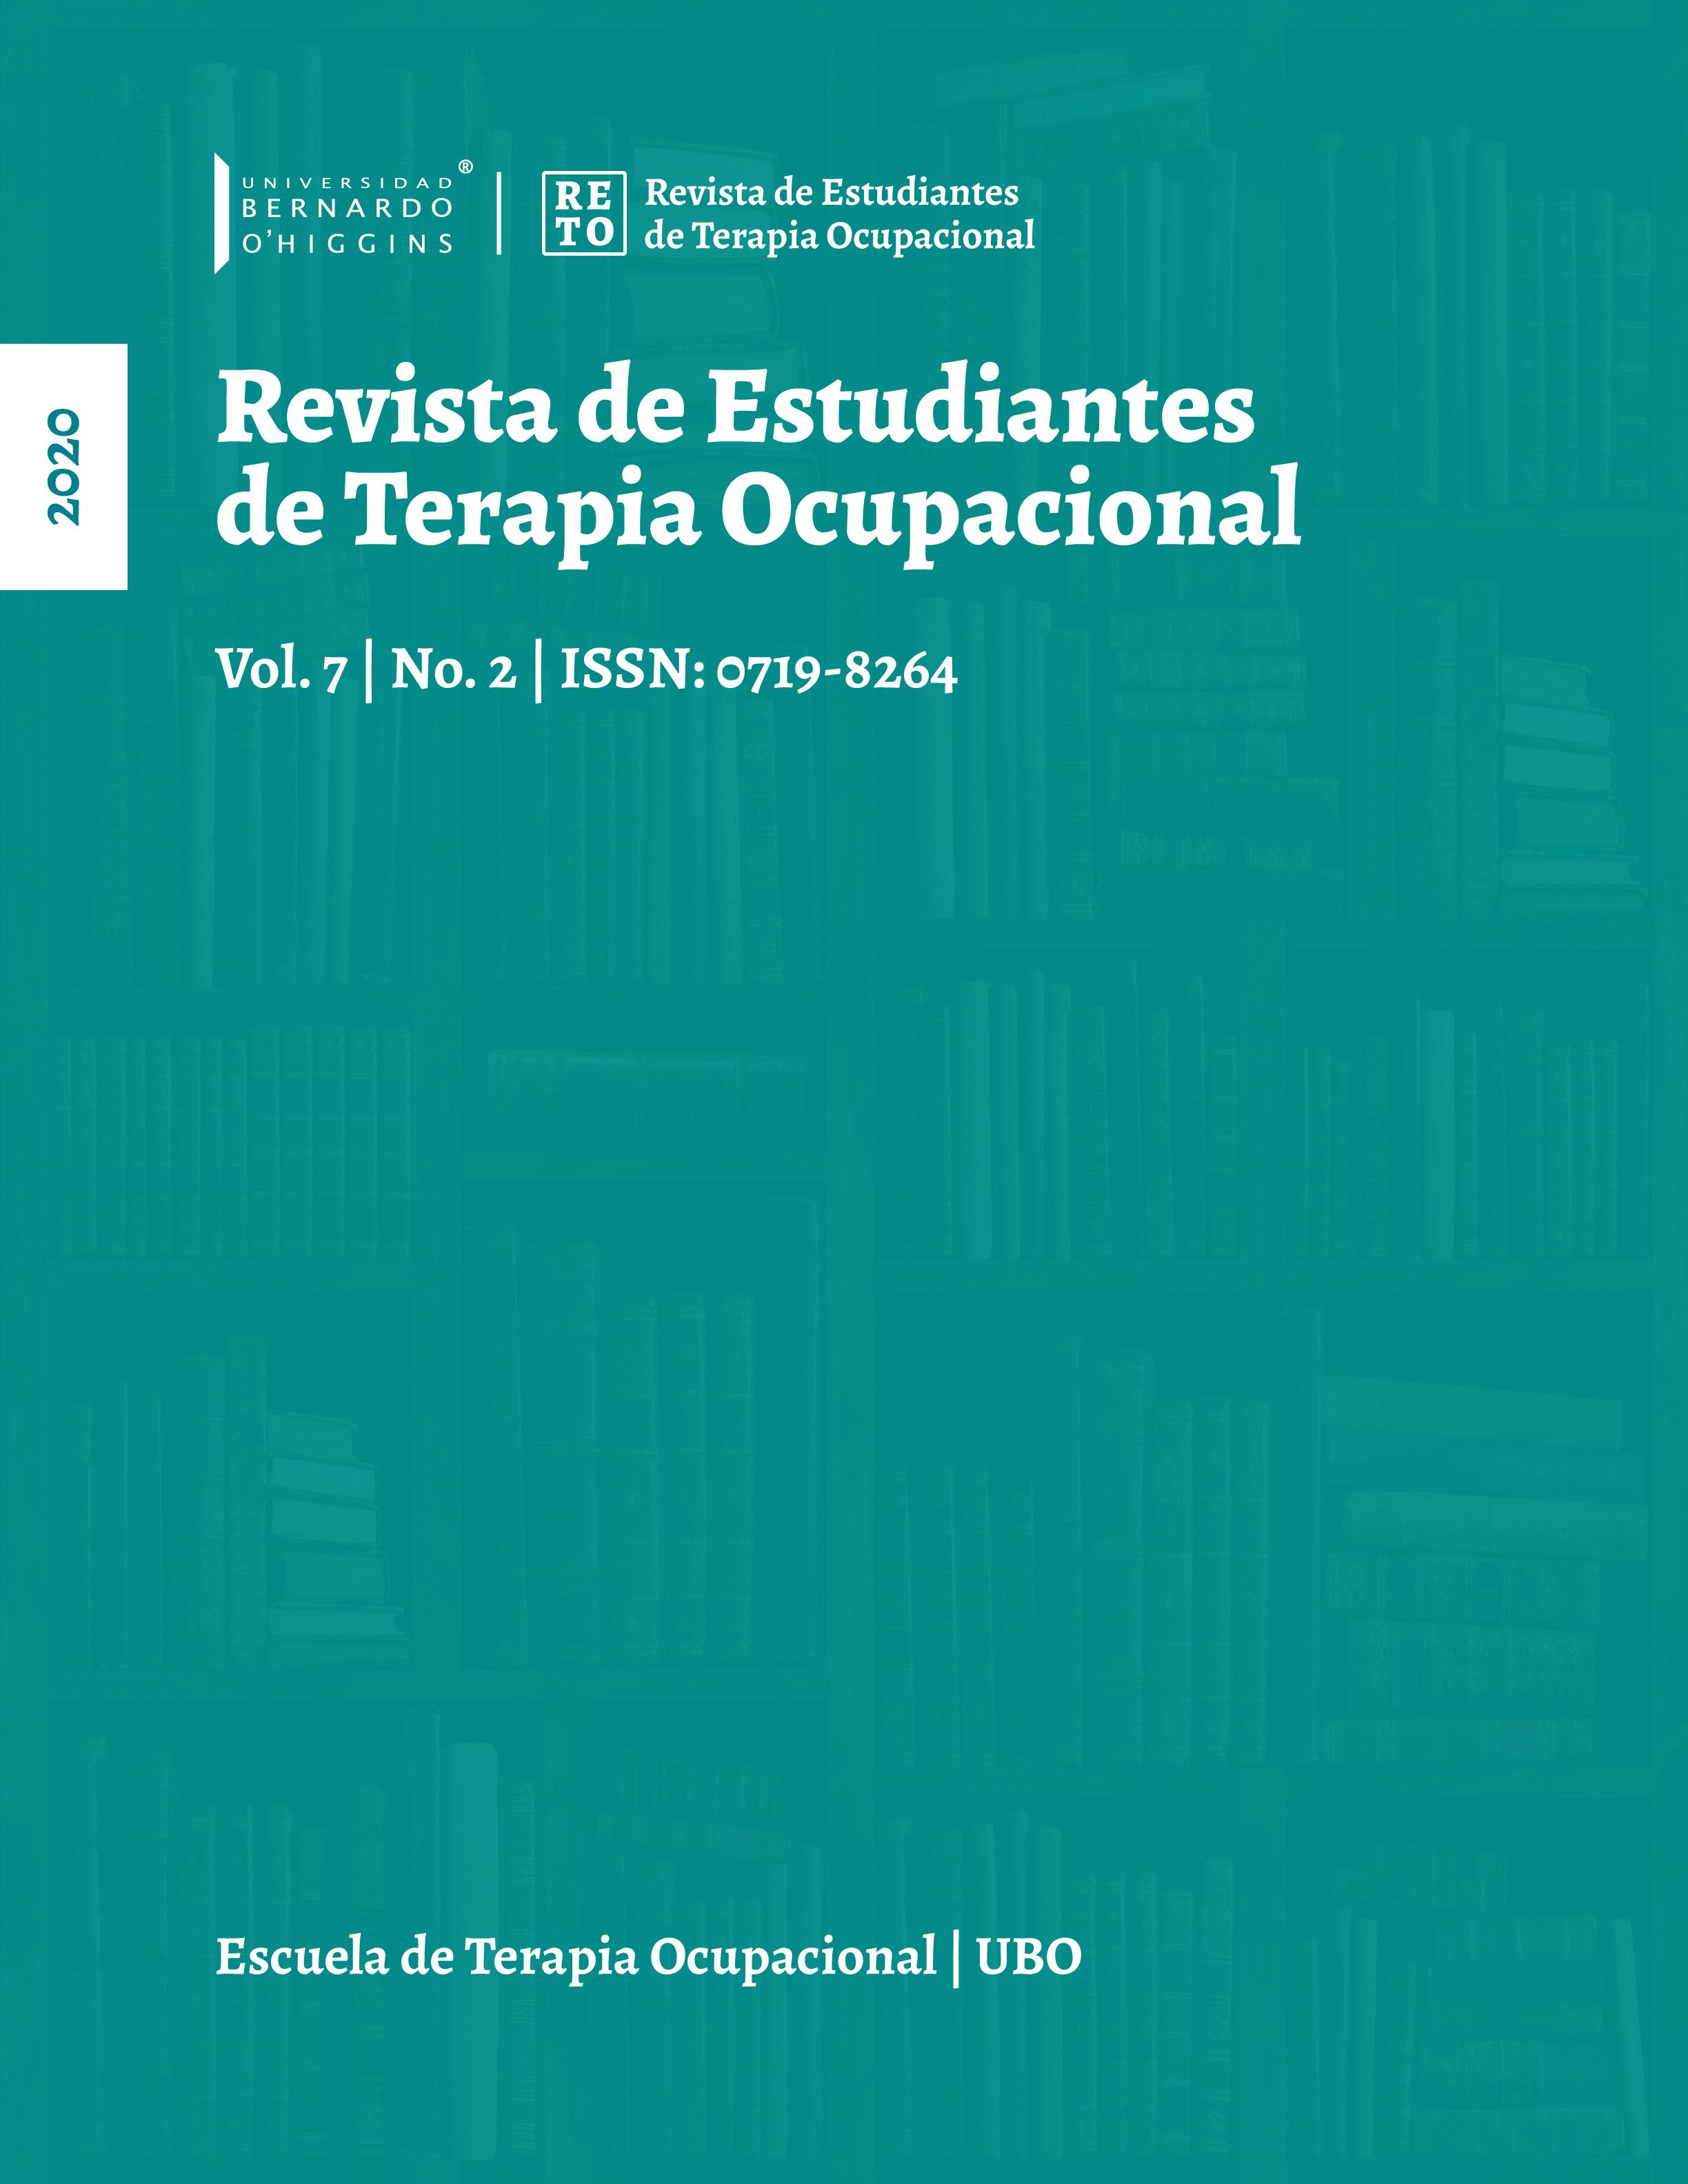 Ver Vol. 7 Núm. 2 (2020): Revista de Estudiantes de Terapia Ocupacional